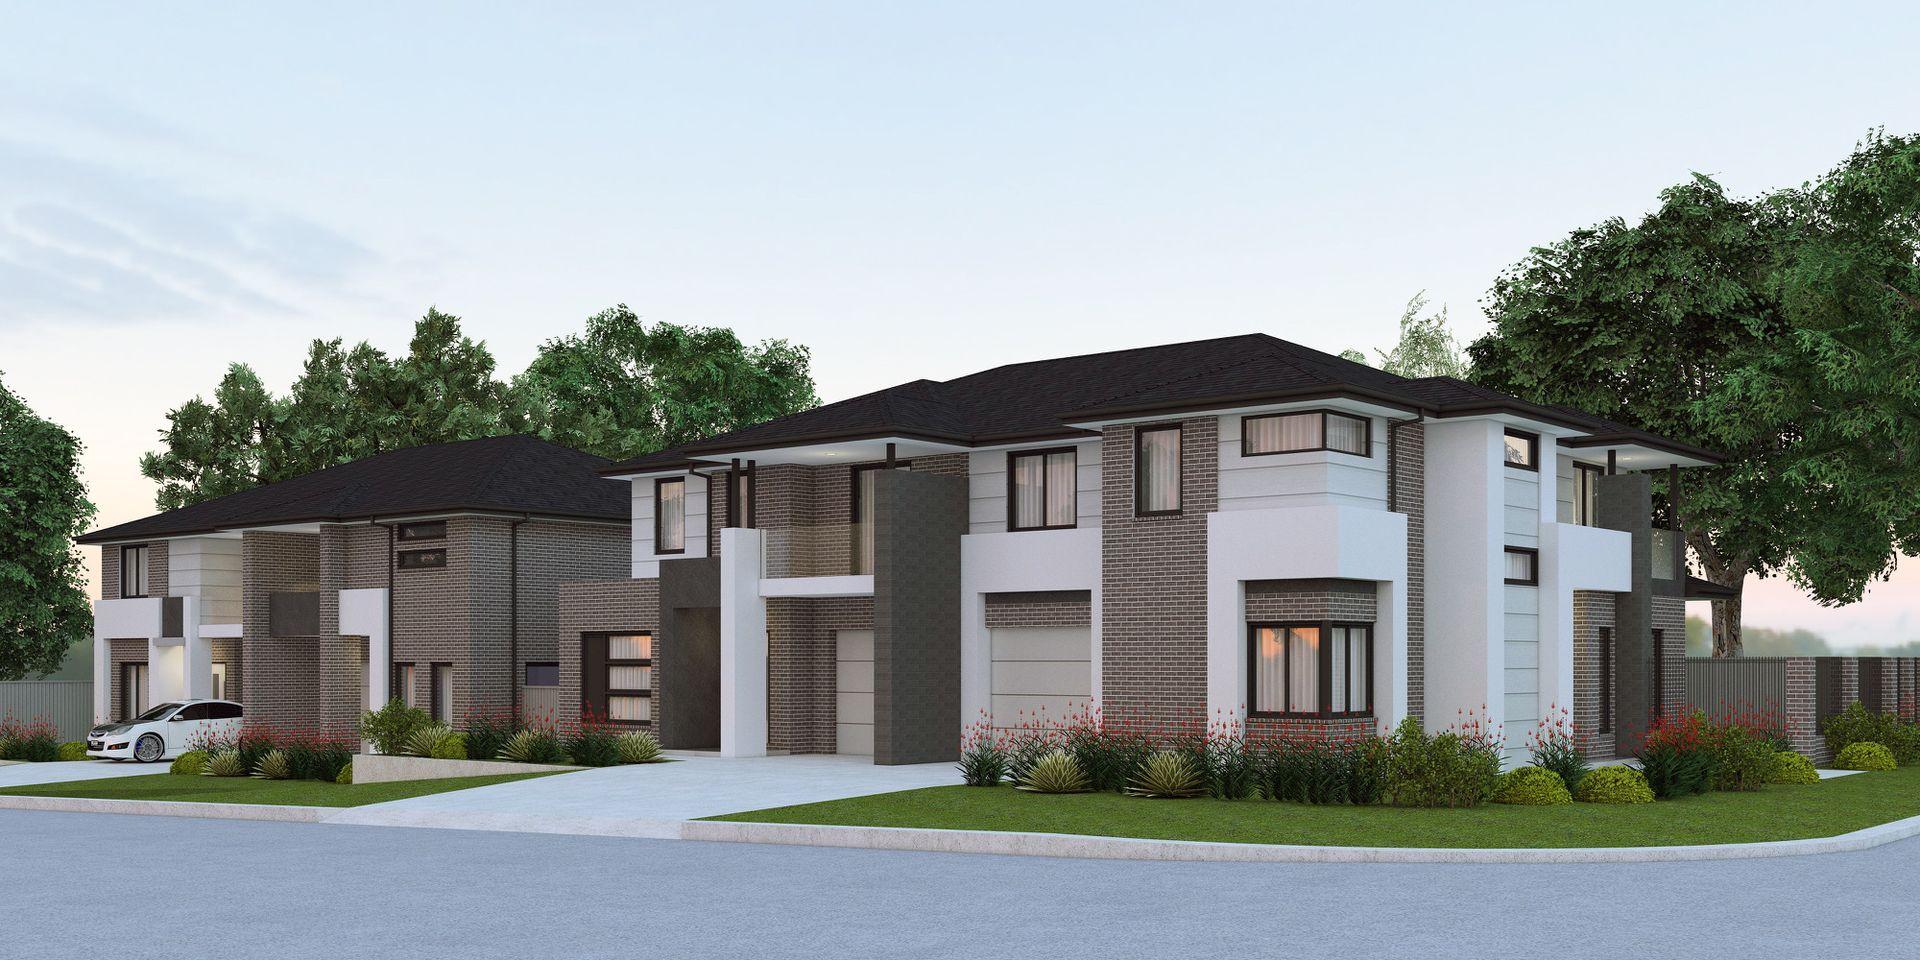 1/80 Oramzi Rd, Girraween NSW 2145, Image 0